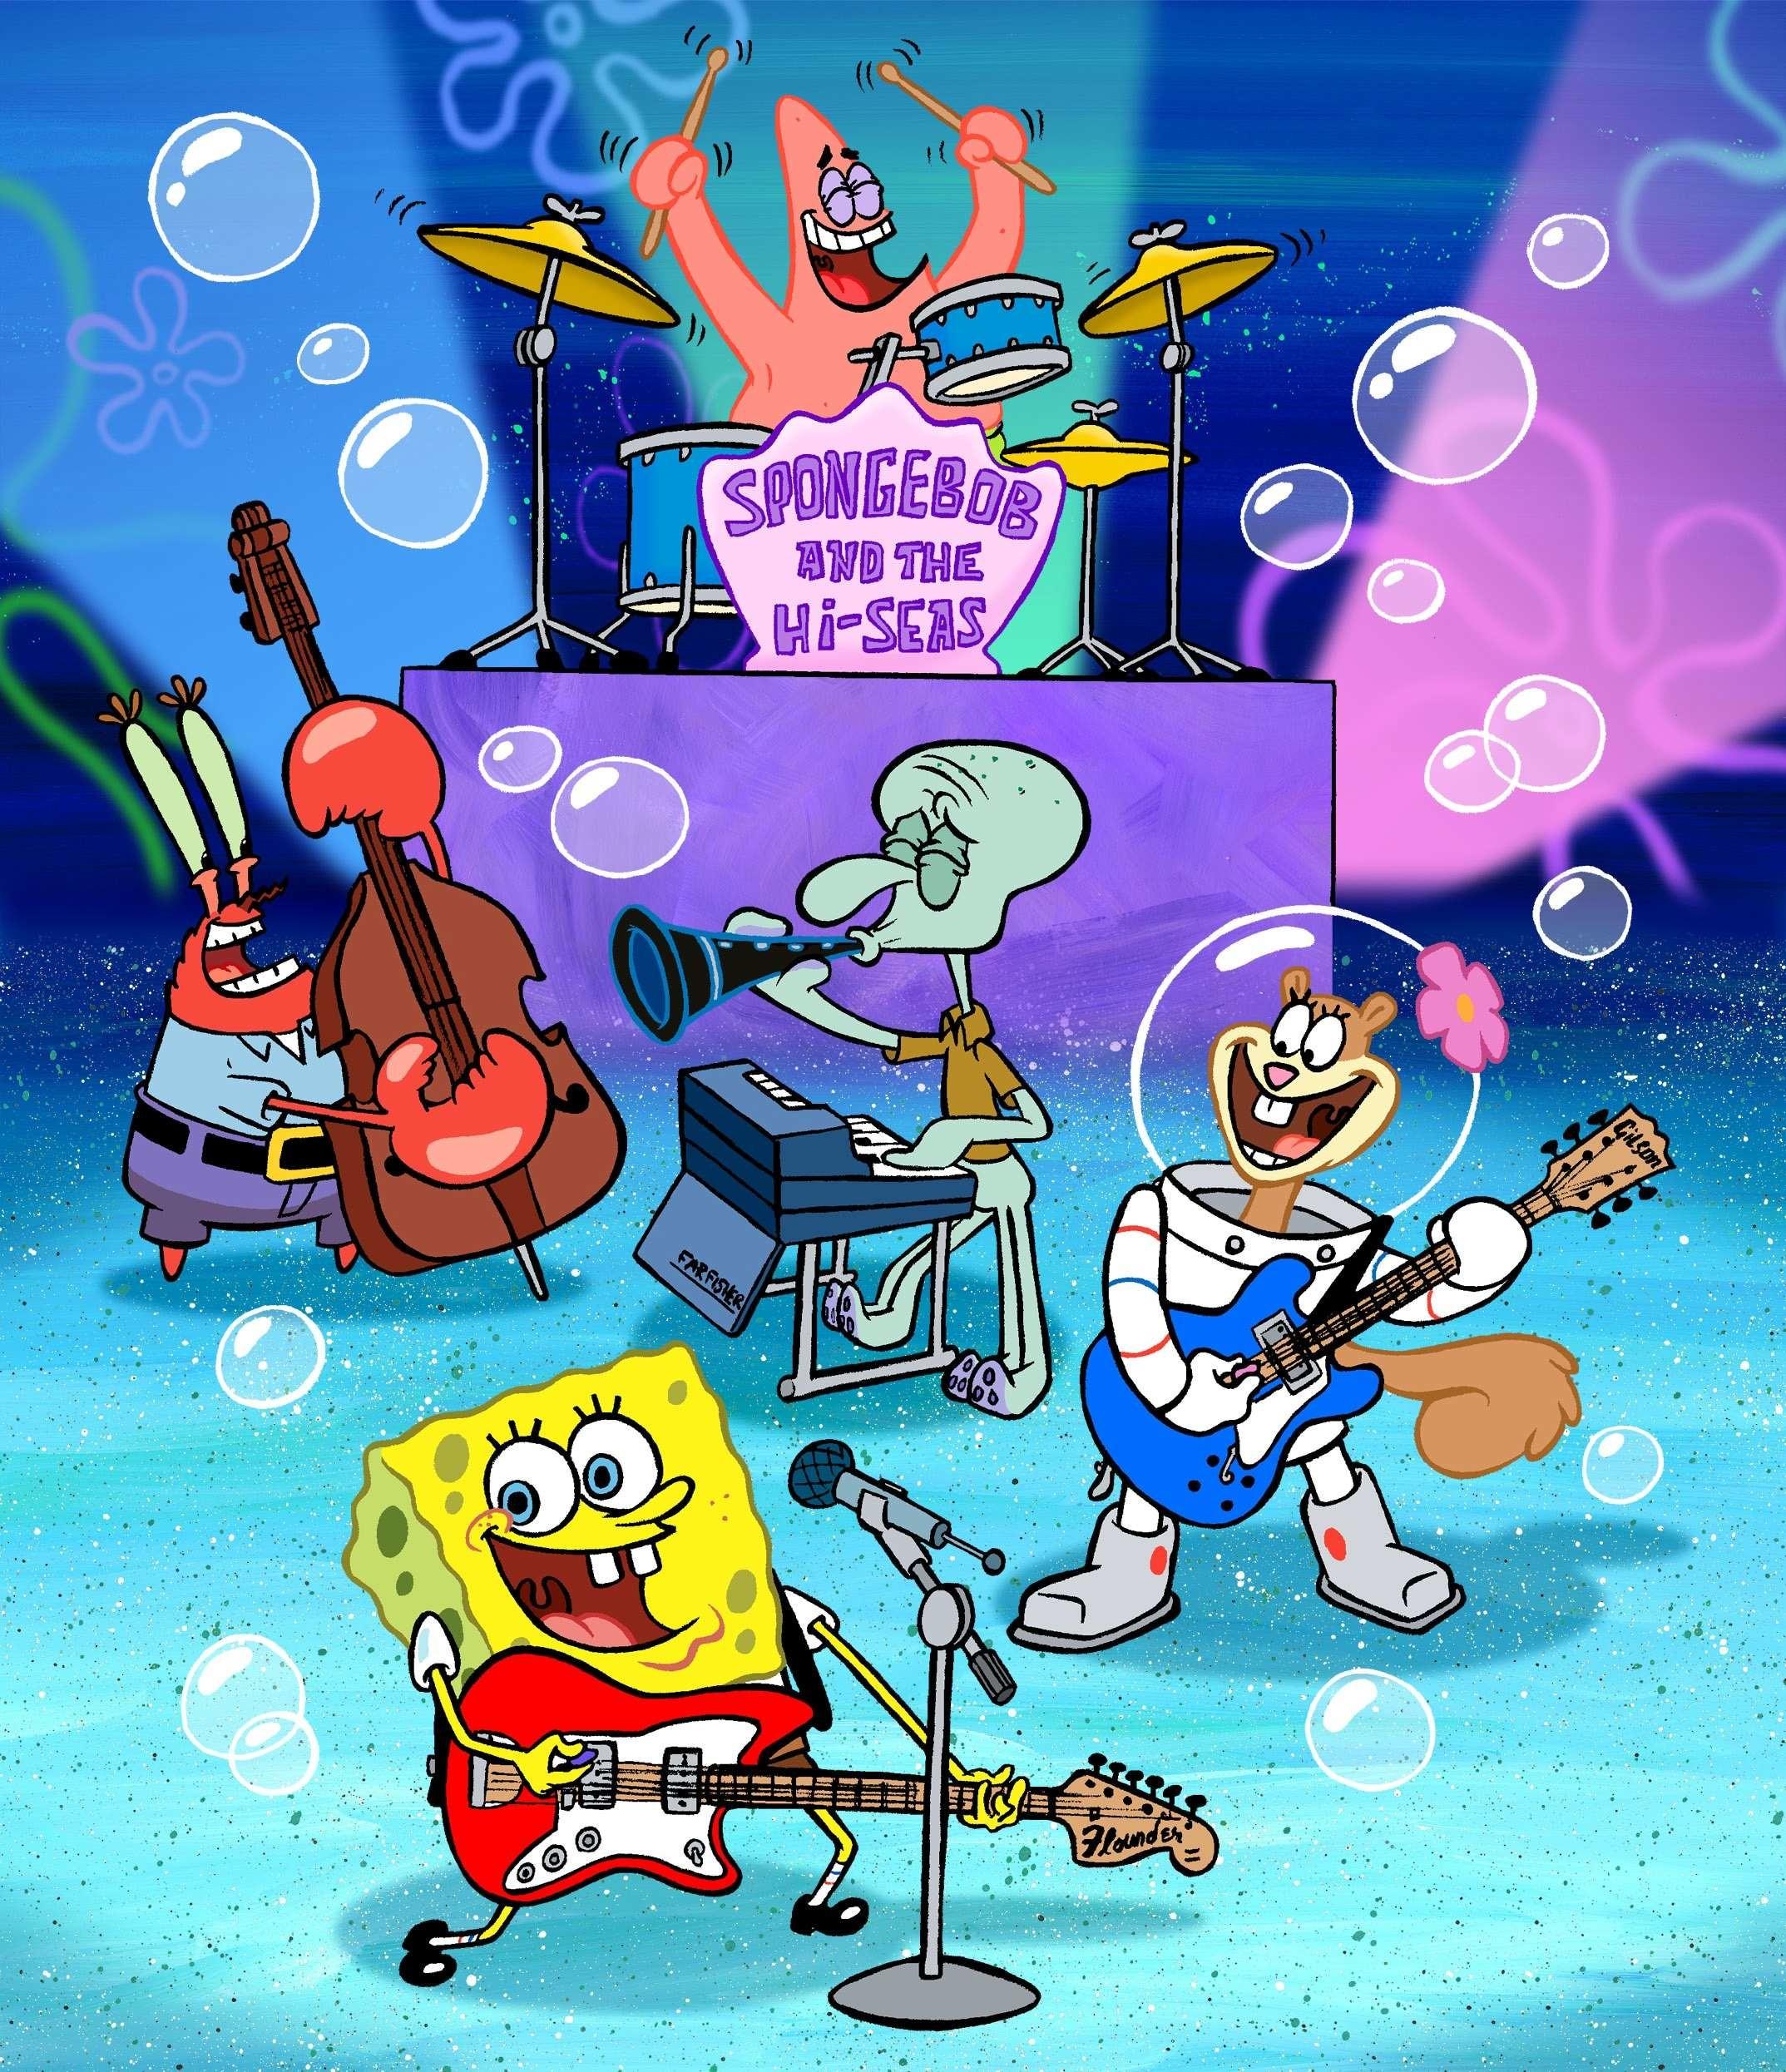 Spongebob Squarepants Wallpaper 66 Images